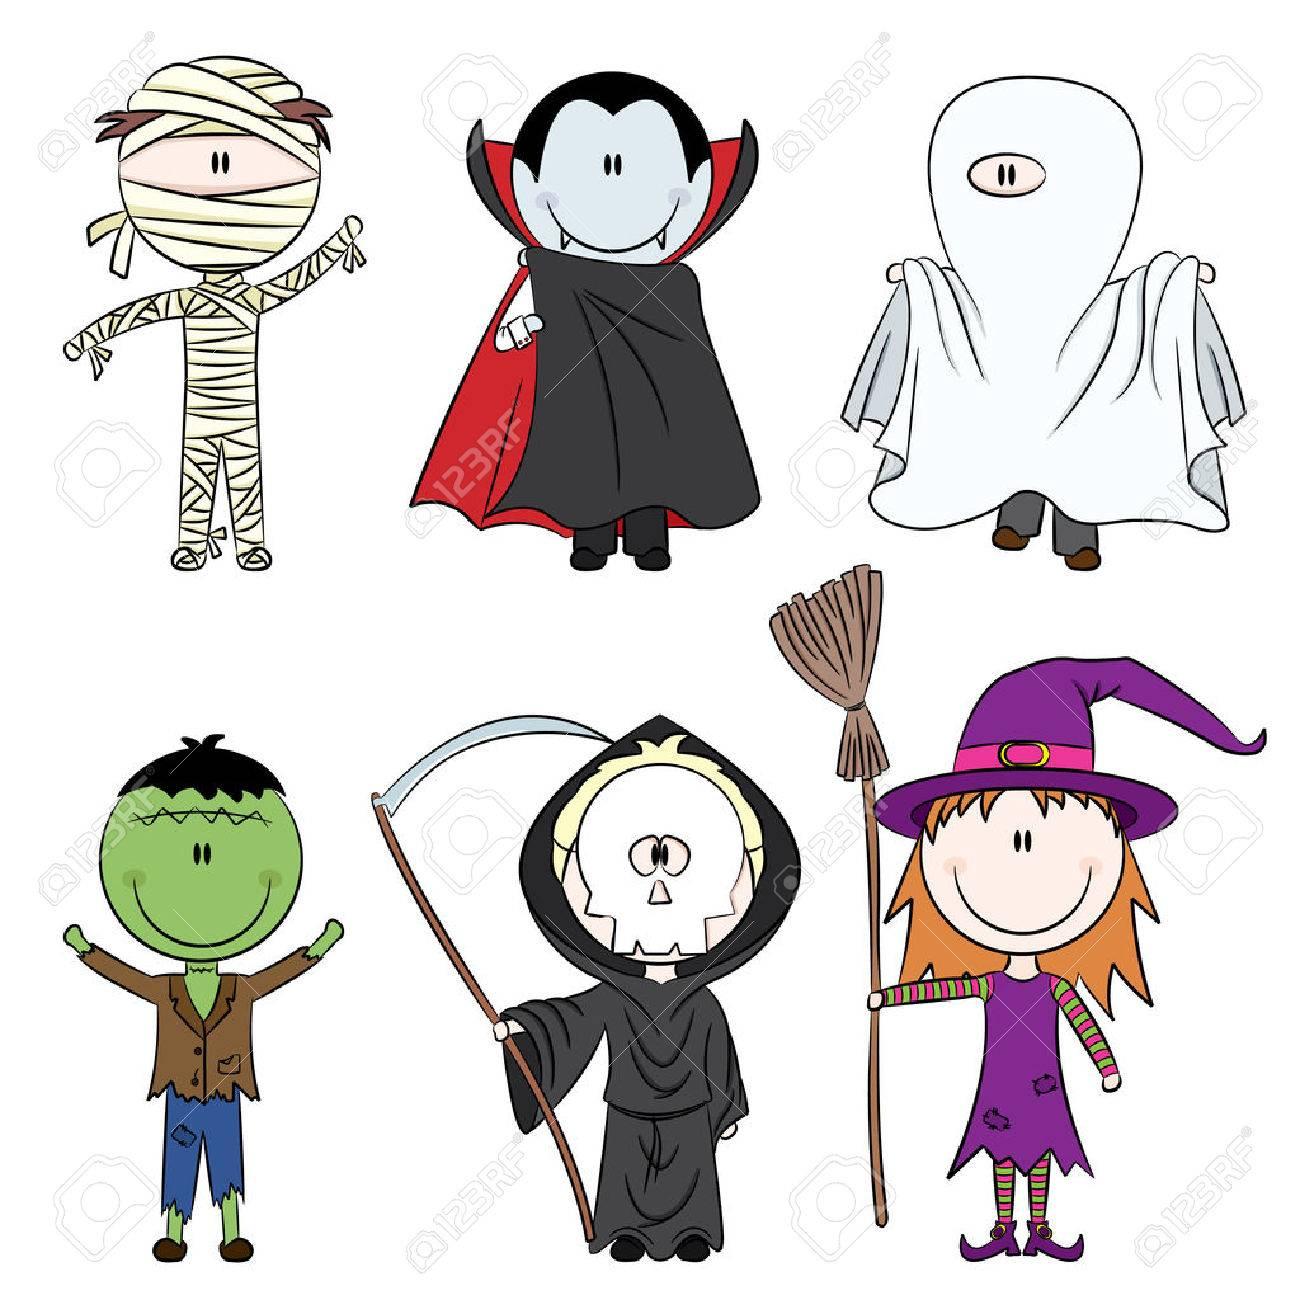 Foto de archivo , Los niños vestidos con trajes listos para celebrar  Halloween